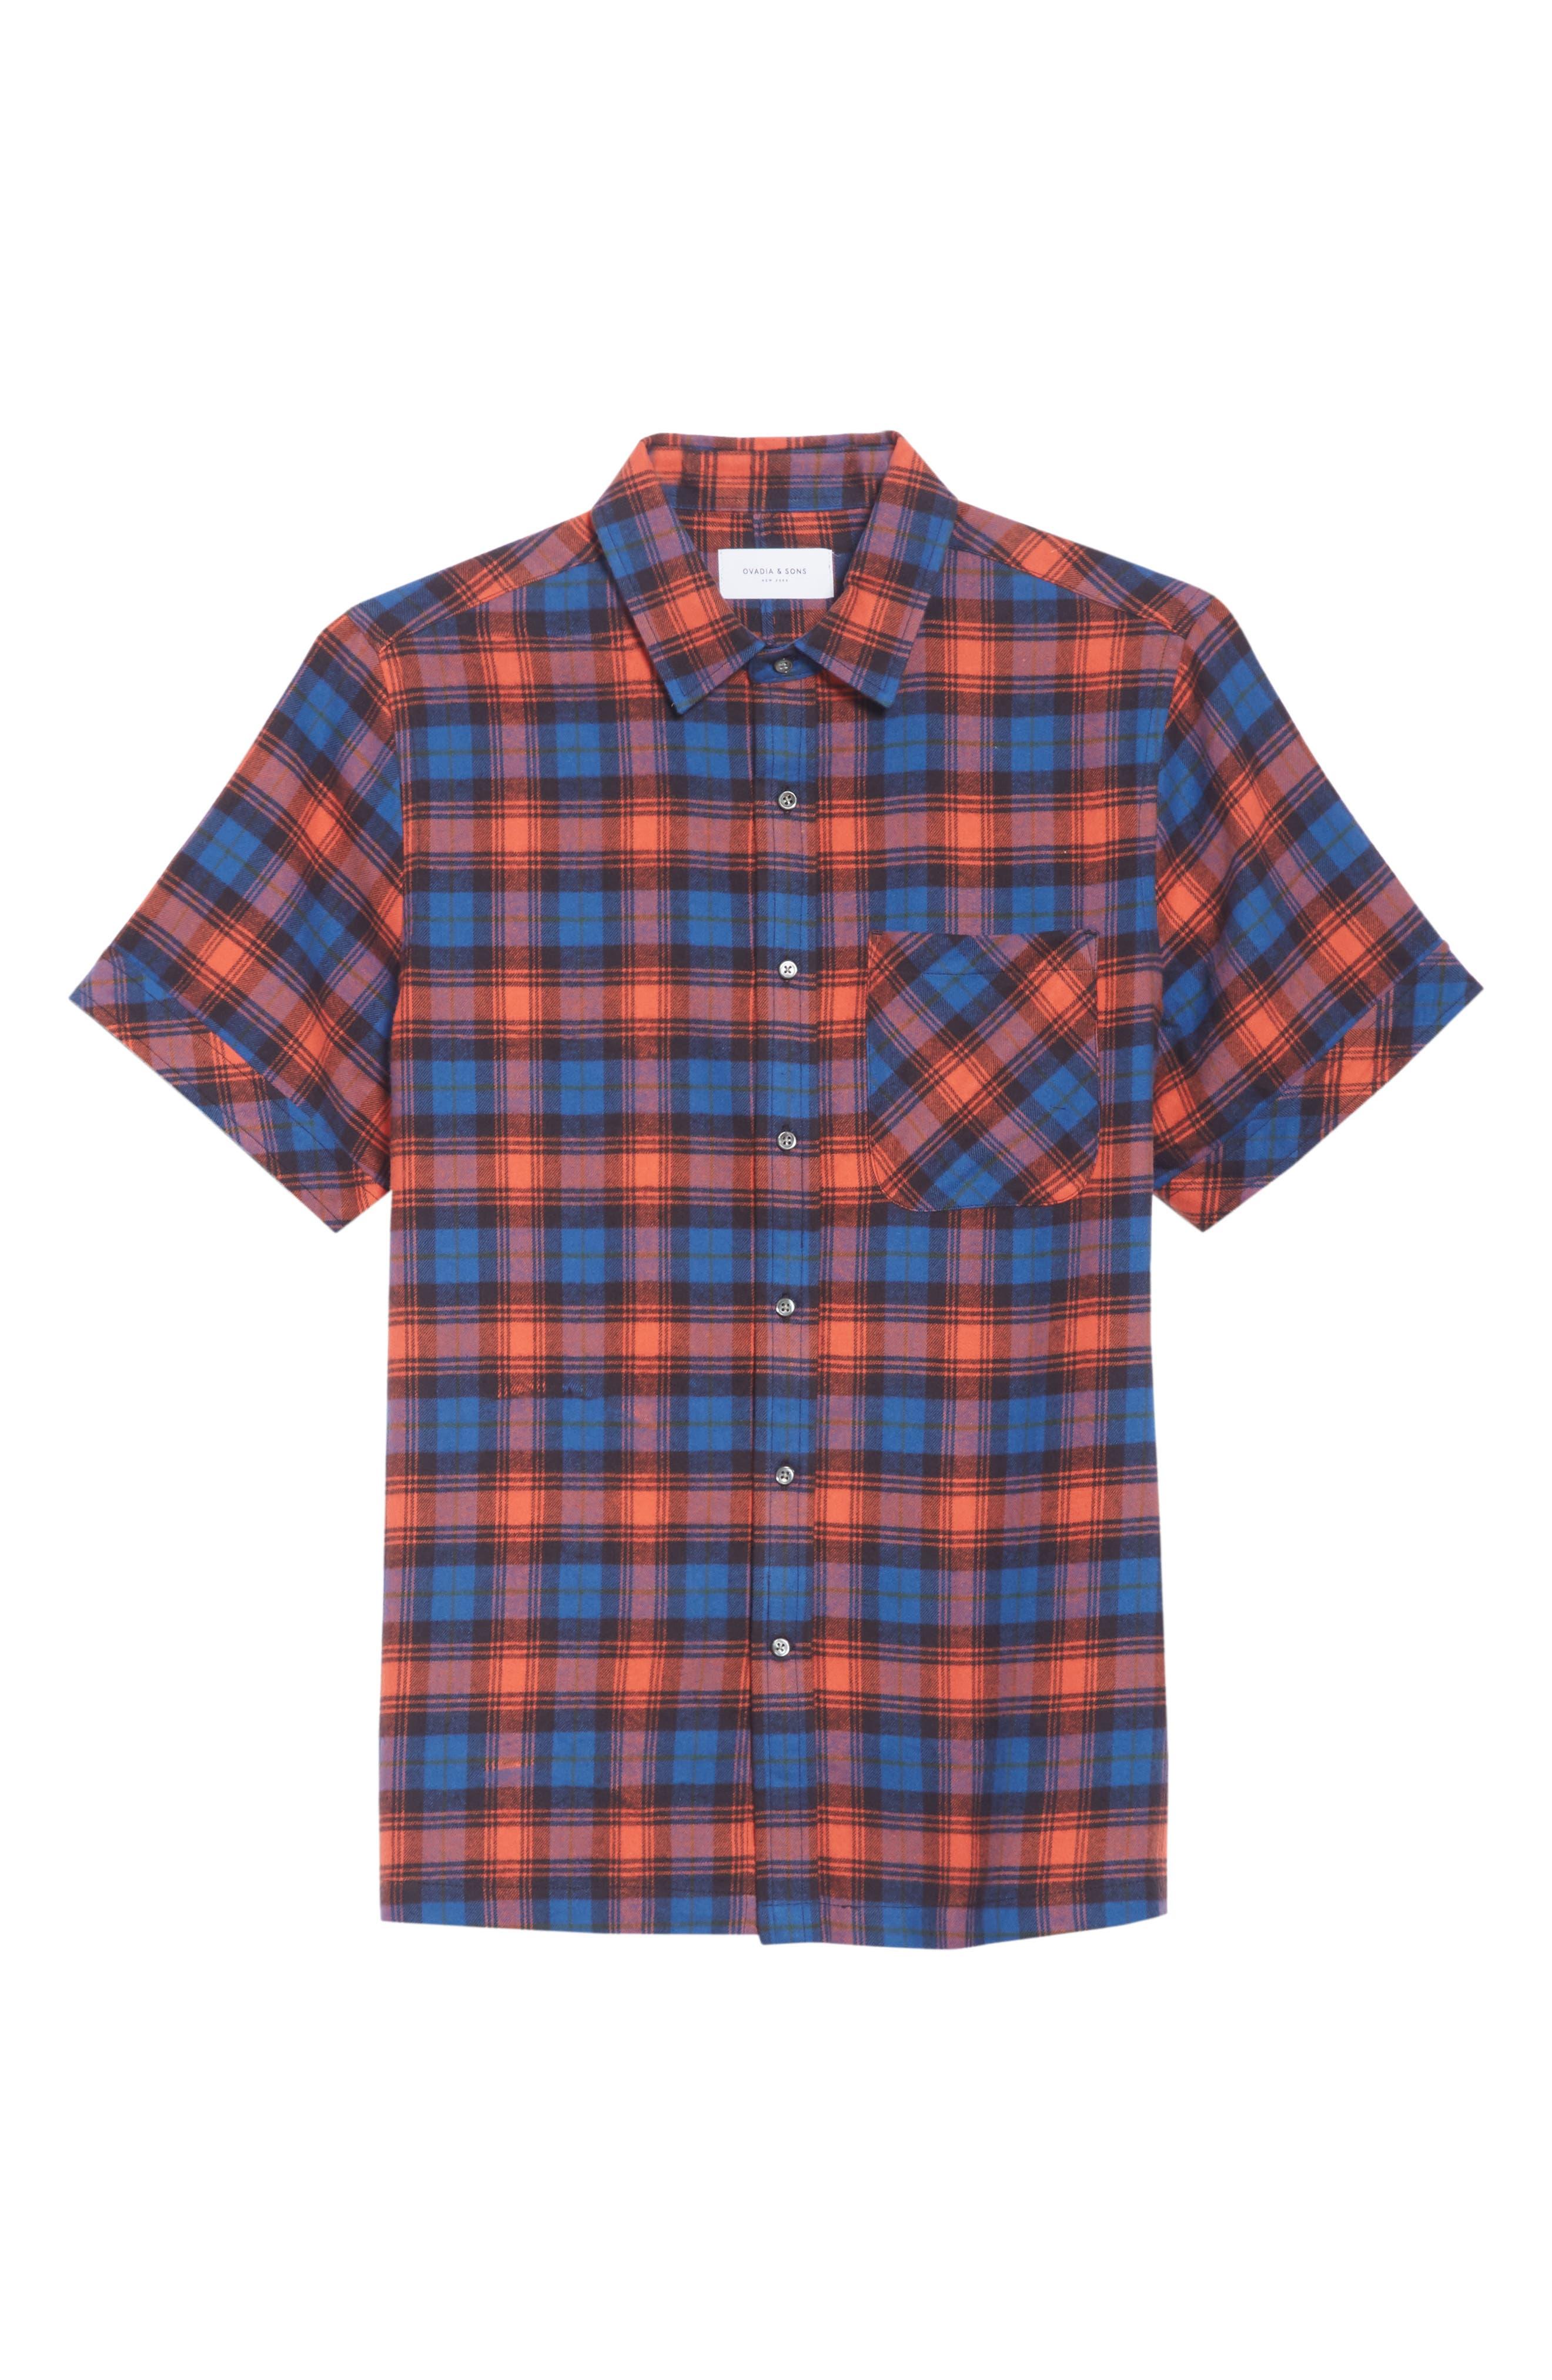 Plaid Flannel Camp Shirt,                             Alternate thumbnail 6, color,                             BLUE PLAID